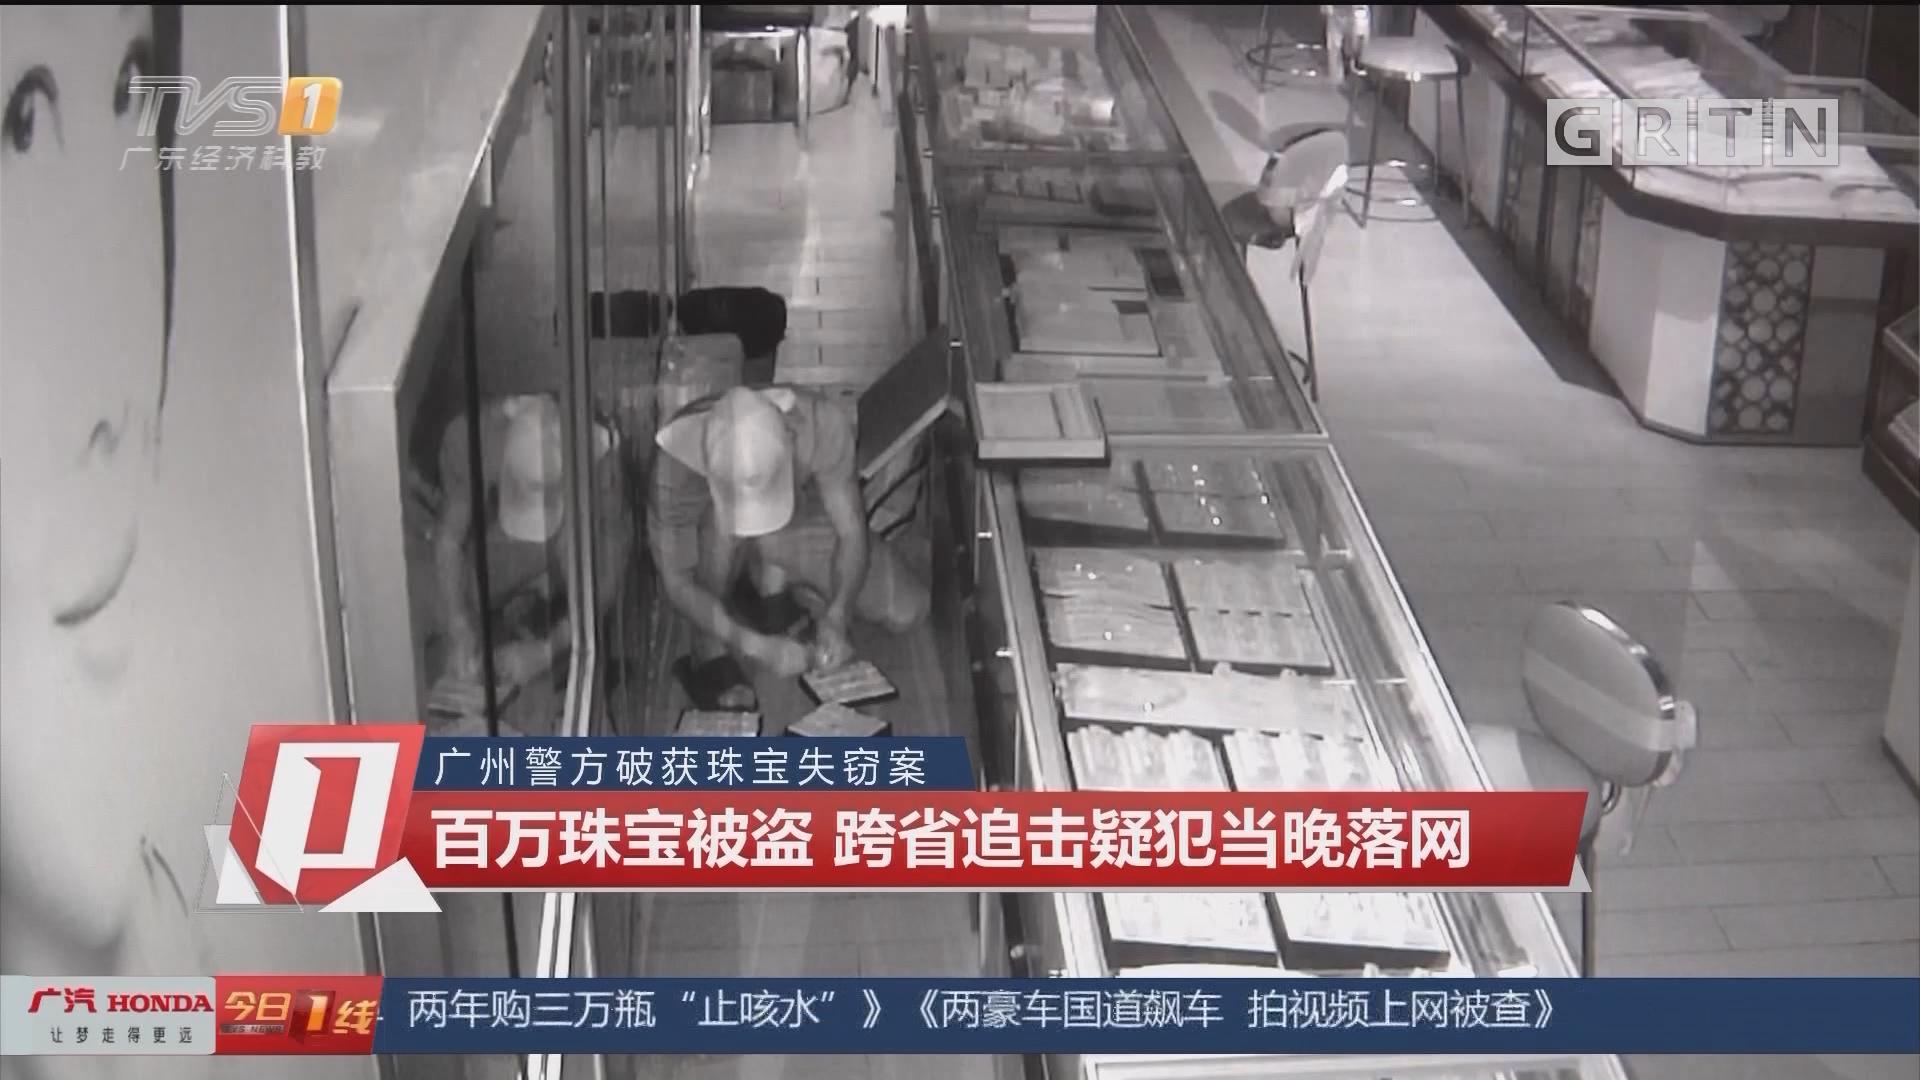 广州警方破获珠宝失窃案:百万珠宝被盗 跨省追击疑犯当晚落网